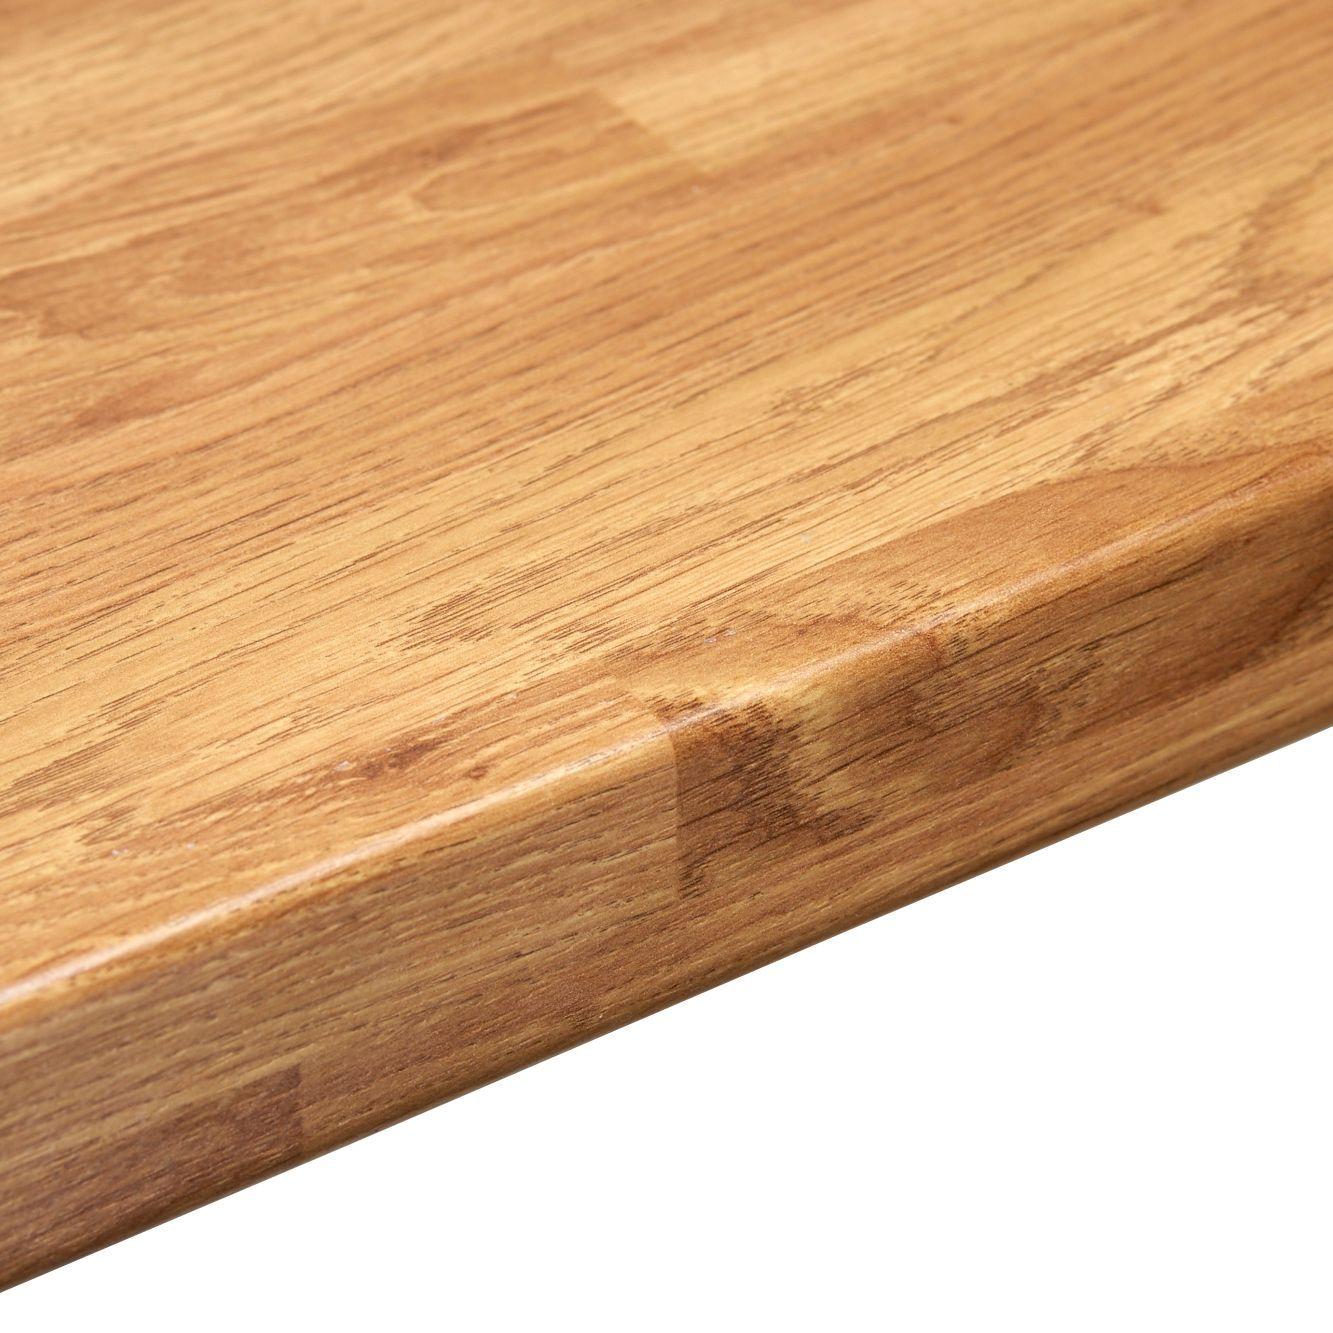 38mm B&Q Colmar Oak Laminate Post Formed 3mm Kitchen Breakfast Bar |  Departments | DIY at